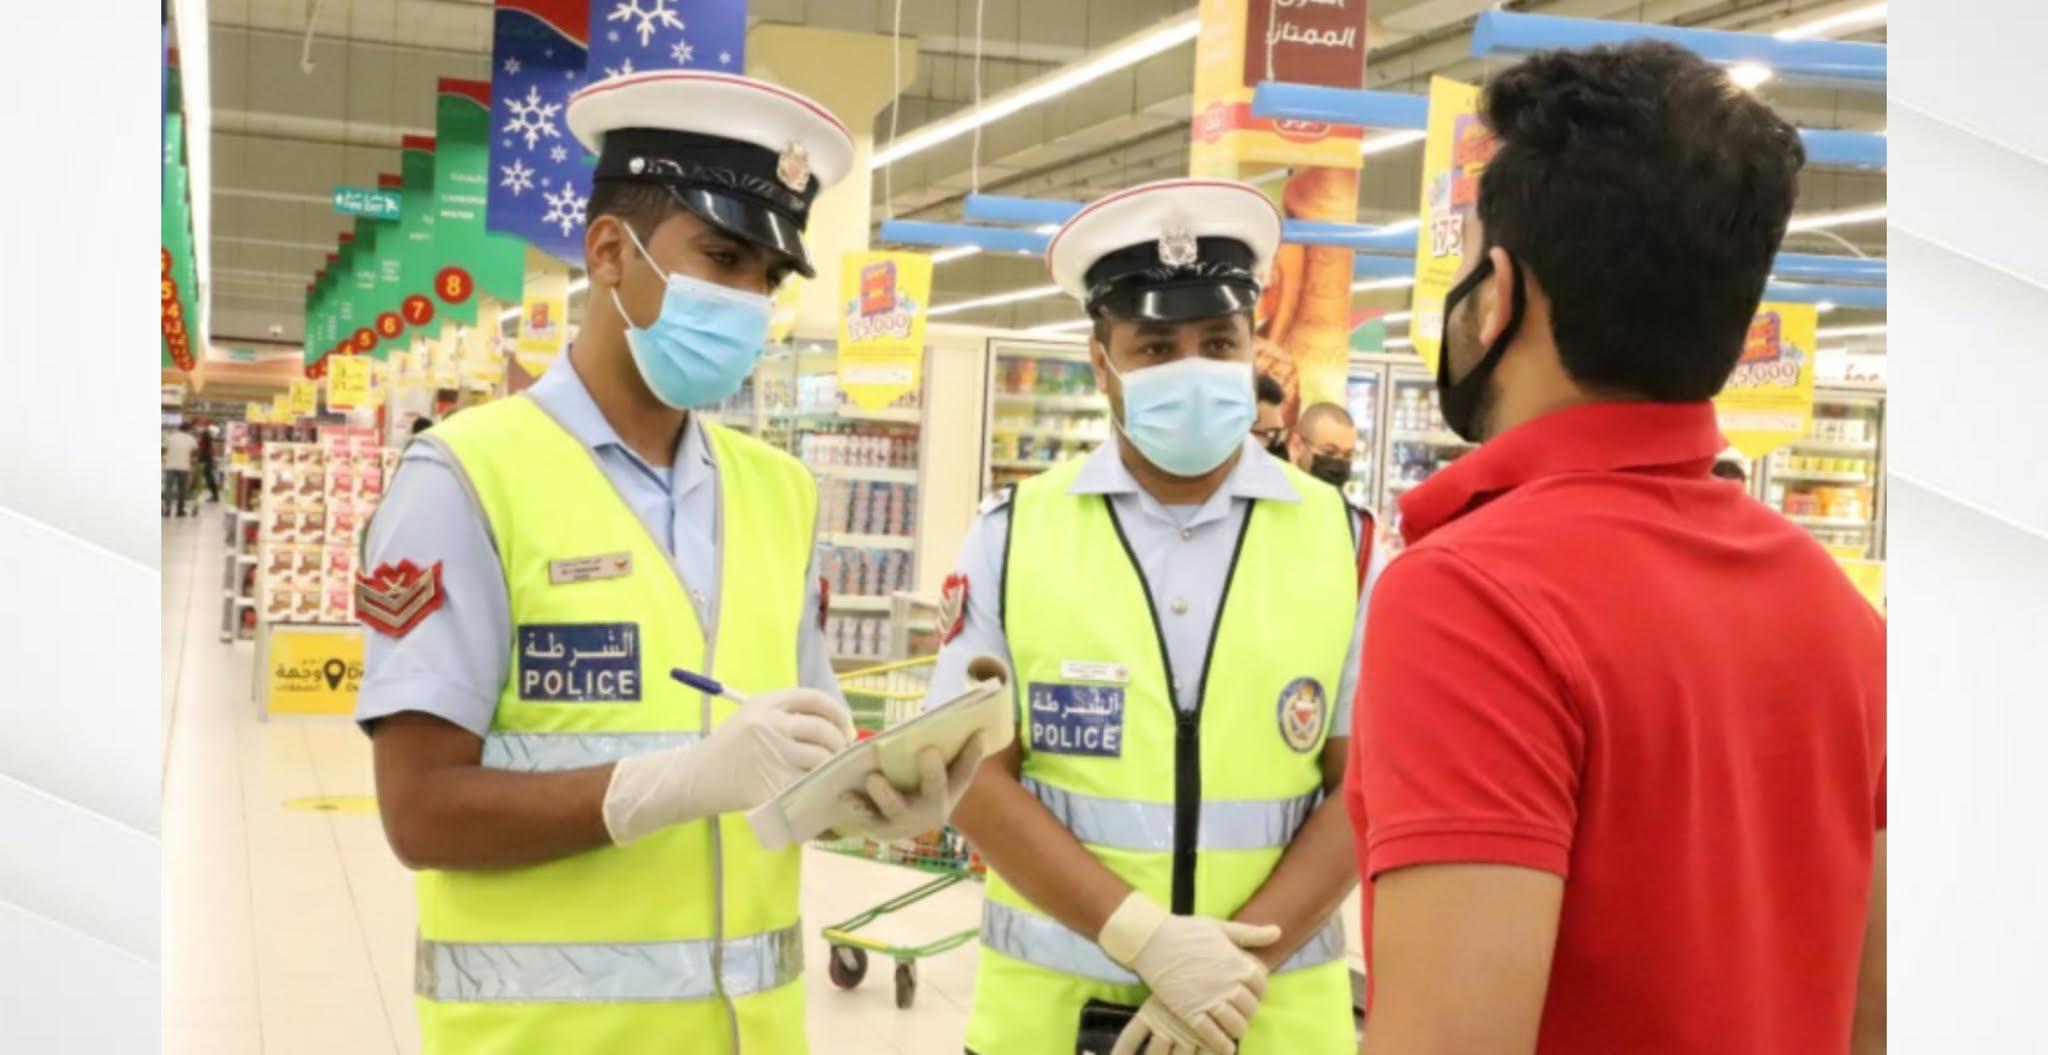 مديريات الشرطة والإدارات الأمنية تؤكد على أهمية الاستمرار بالتقيد بتعليمات وتوصيات الفريق الوطني الطبي للتصدي لفيروس كورونا